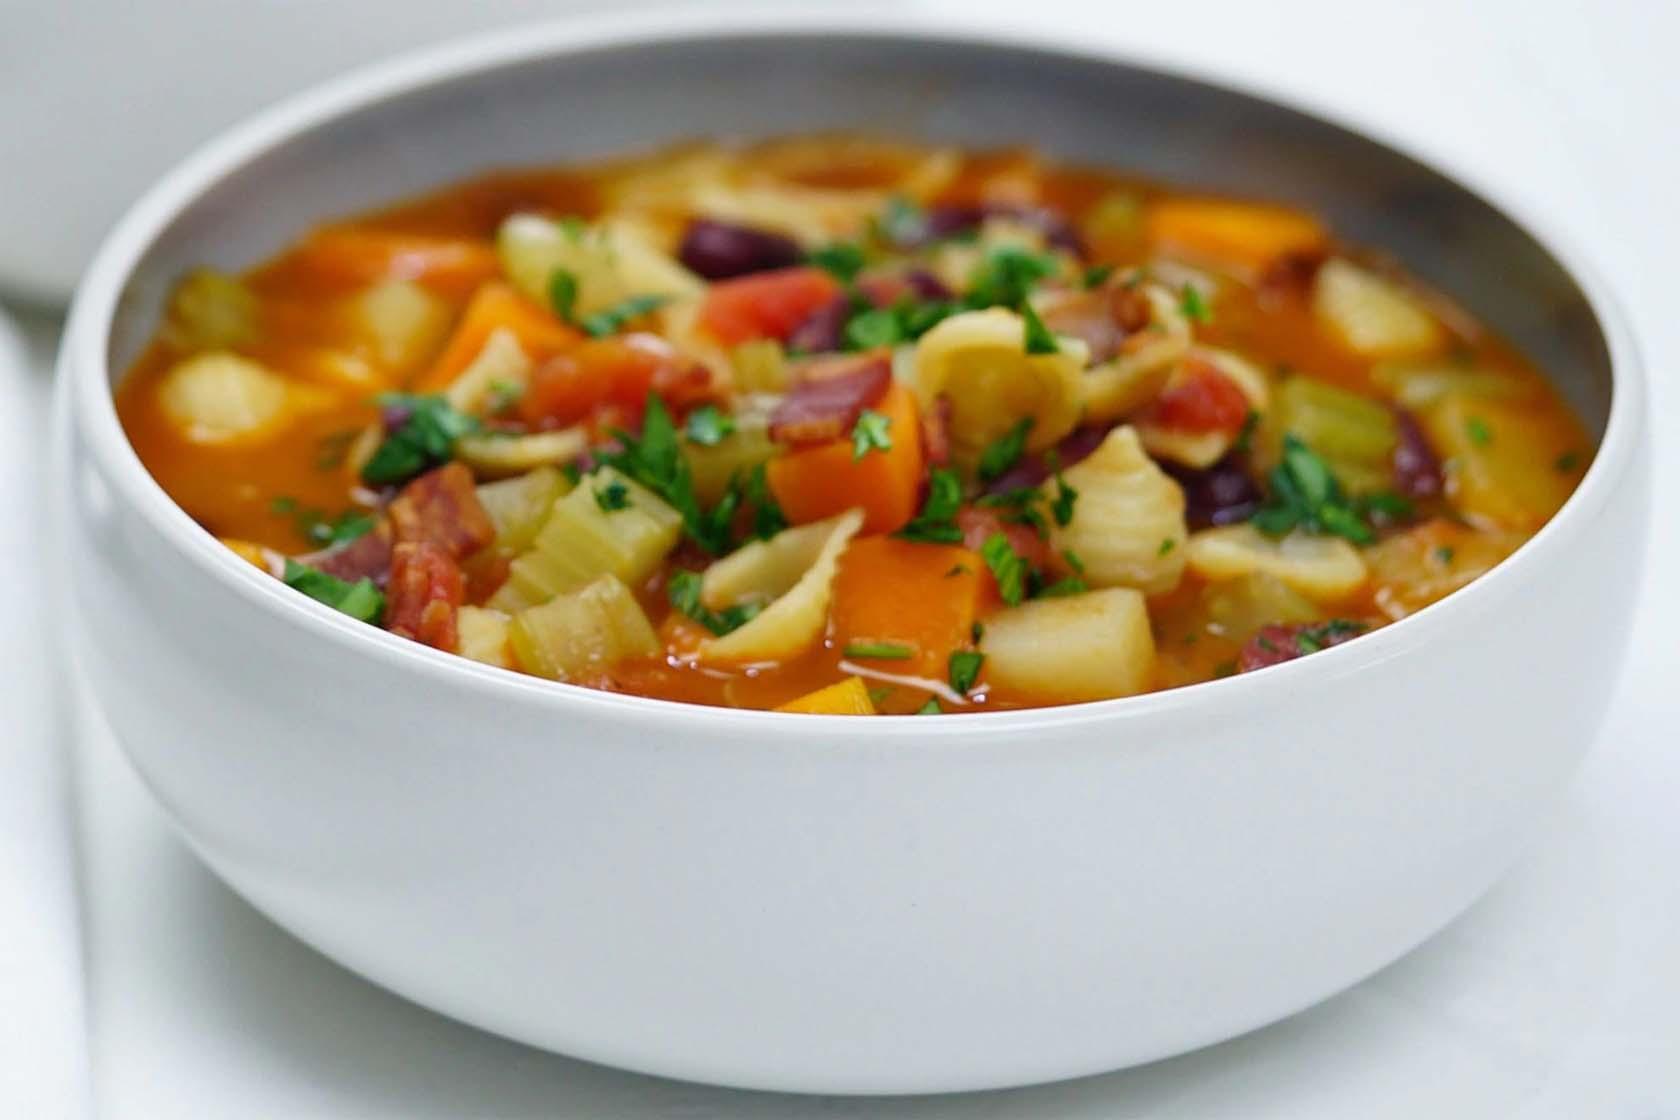 Healthy Italian Minestrone Soup